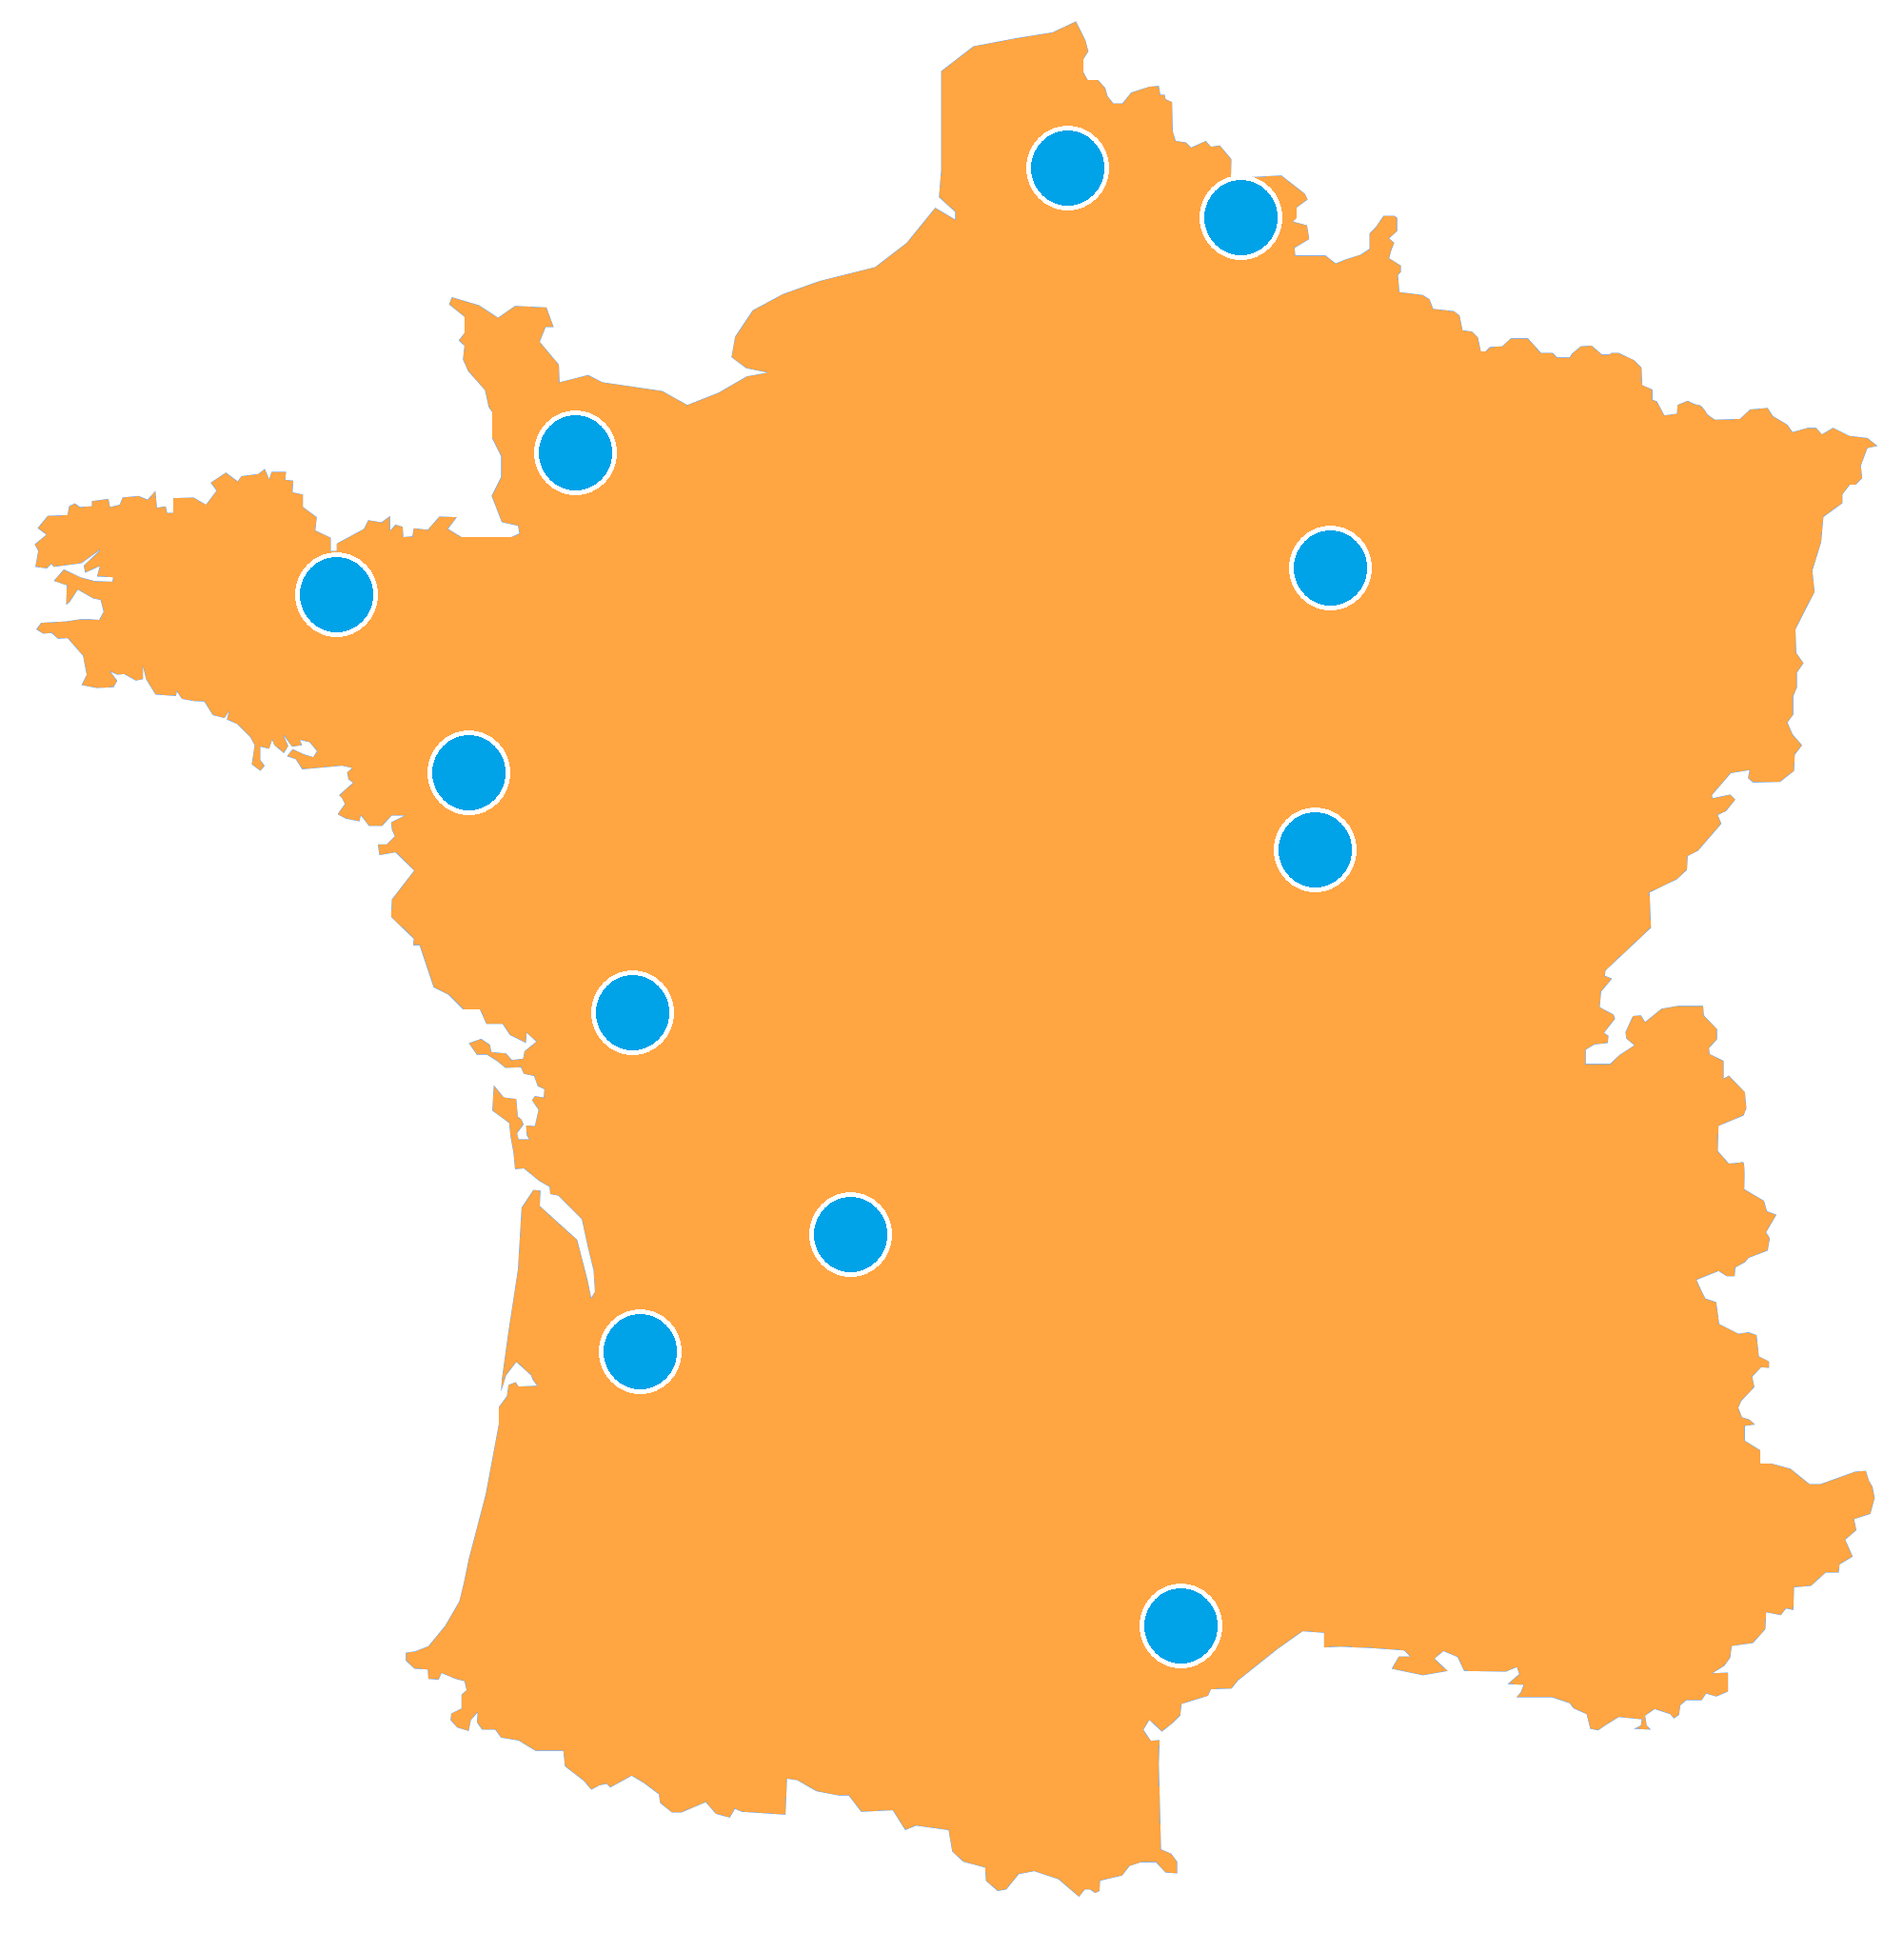 Calendrier Paie Dgfip.Unsa Dgfip Calendrier De La Paye 2019